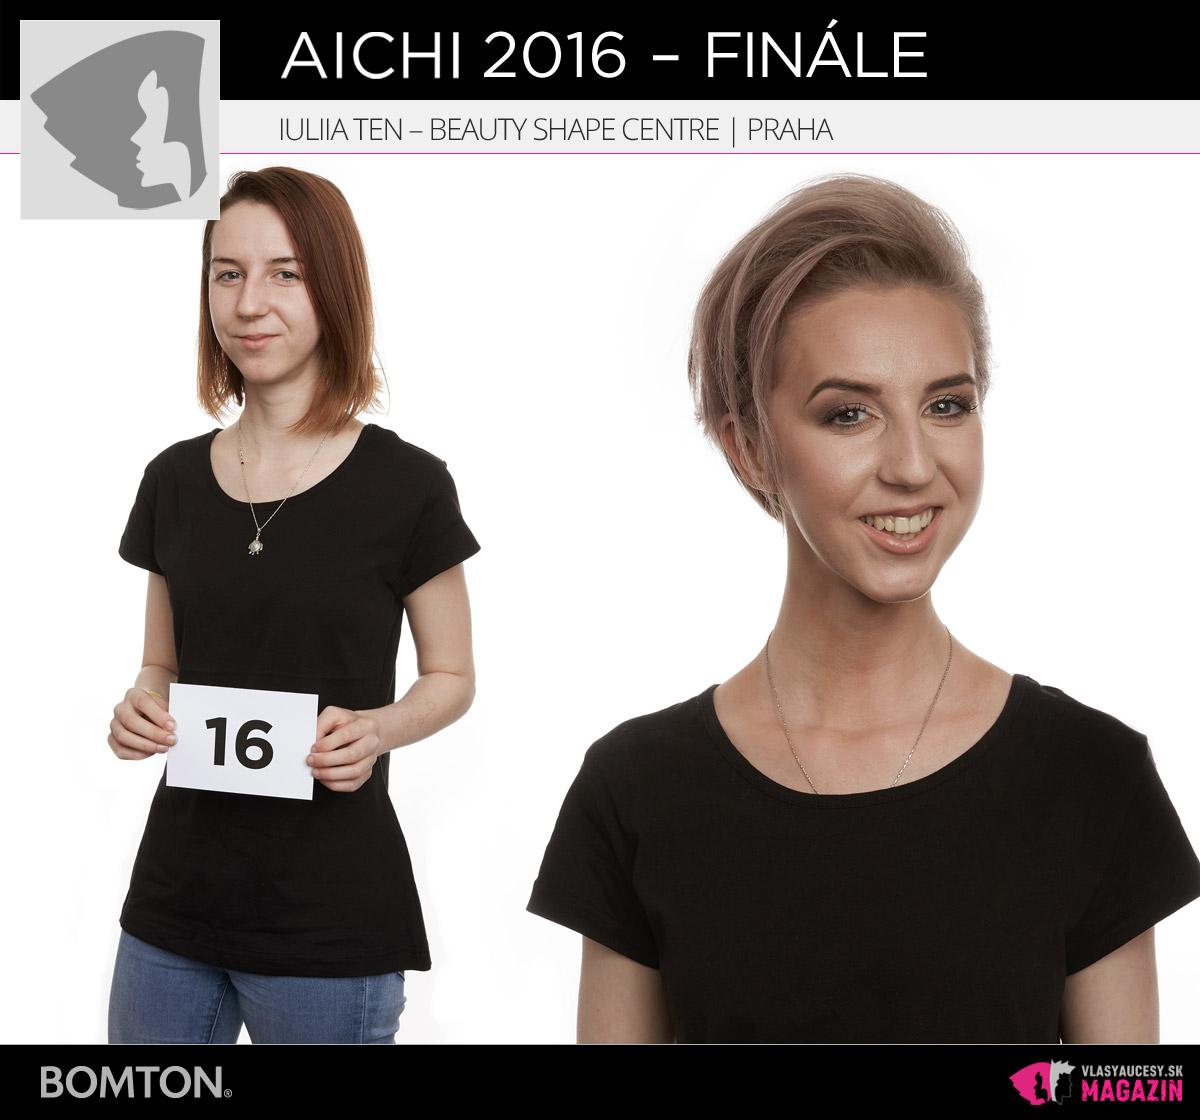 Iuliia Ten – Beauty Shape Centre, Praha | Premeny AICHI 2016 – postupujúci do finálového kola